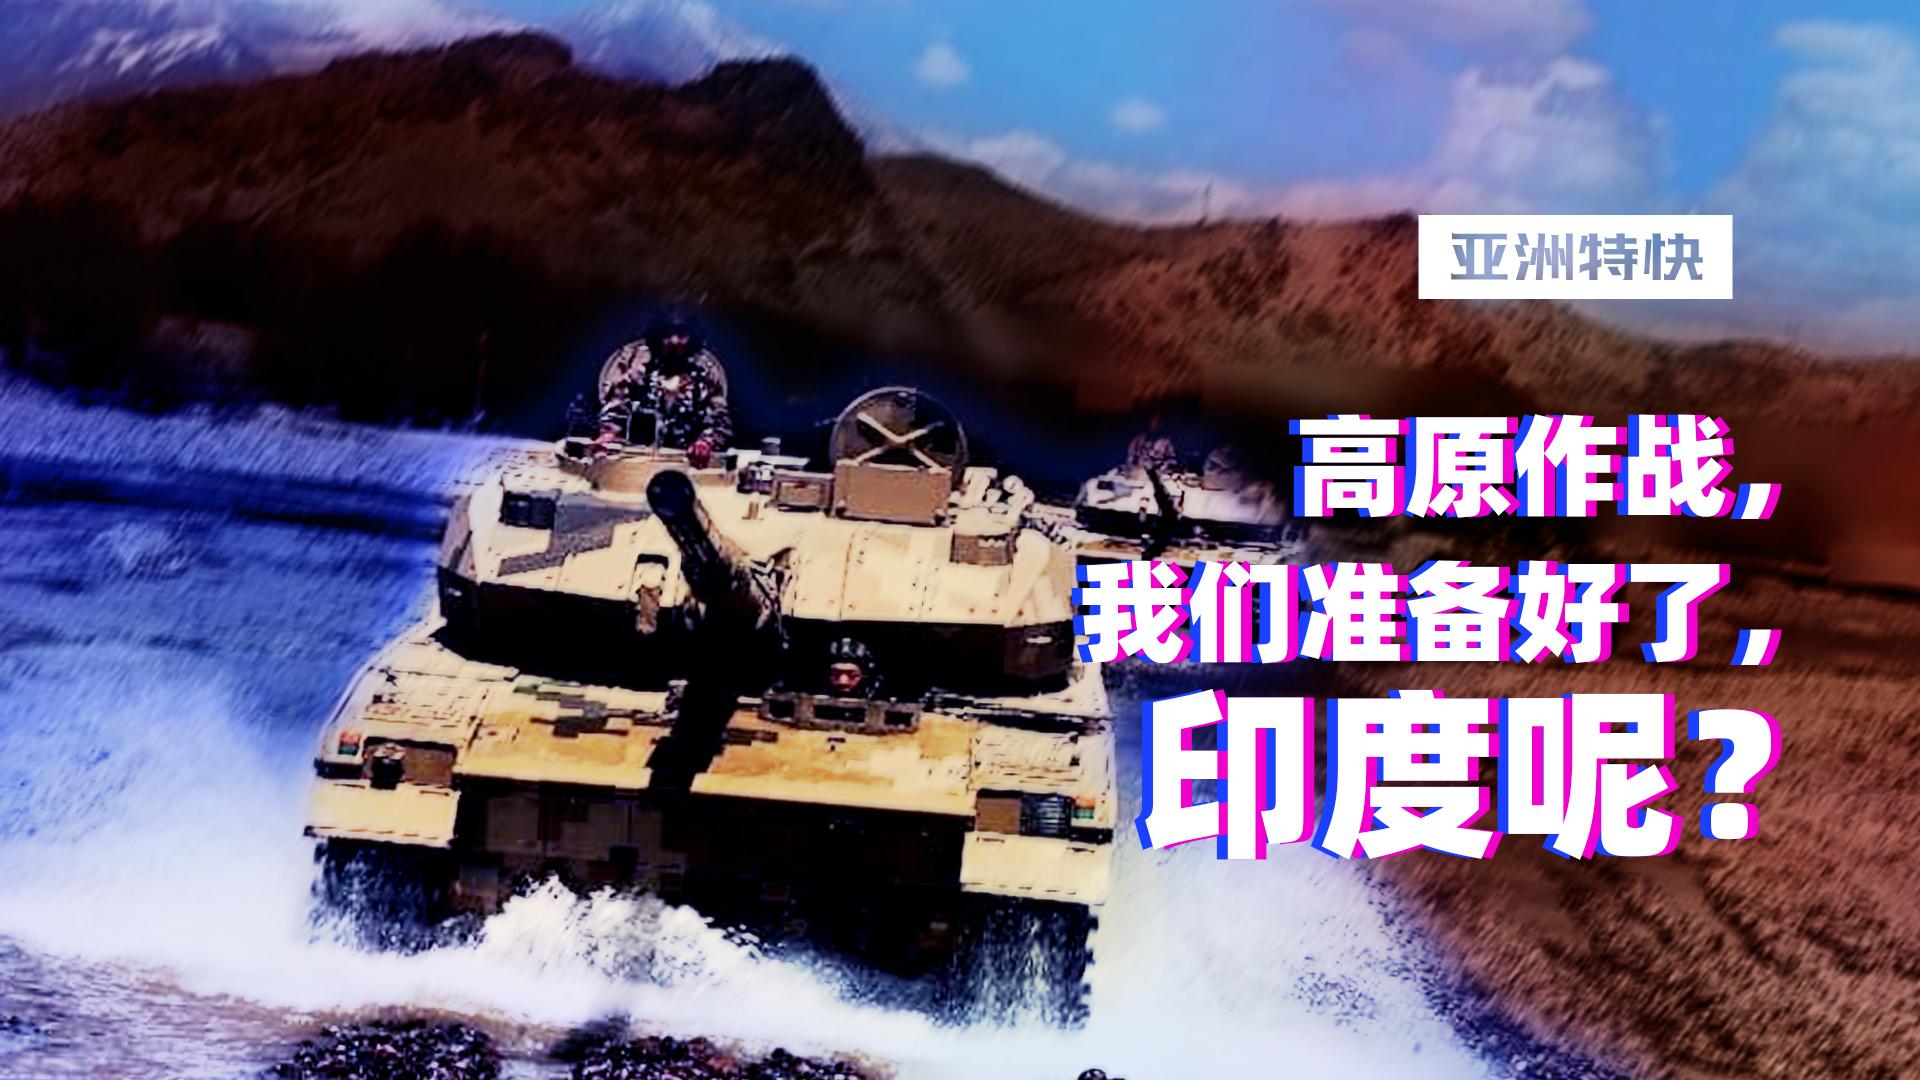 亚洲特快:高原作战,中国准备好了,那印度呢?